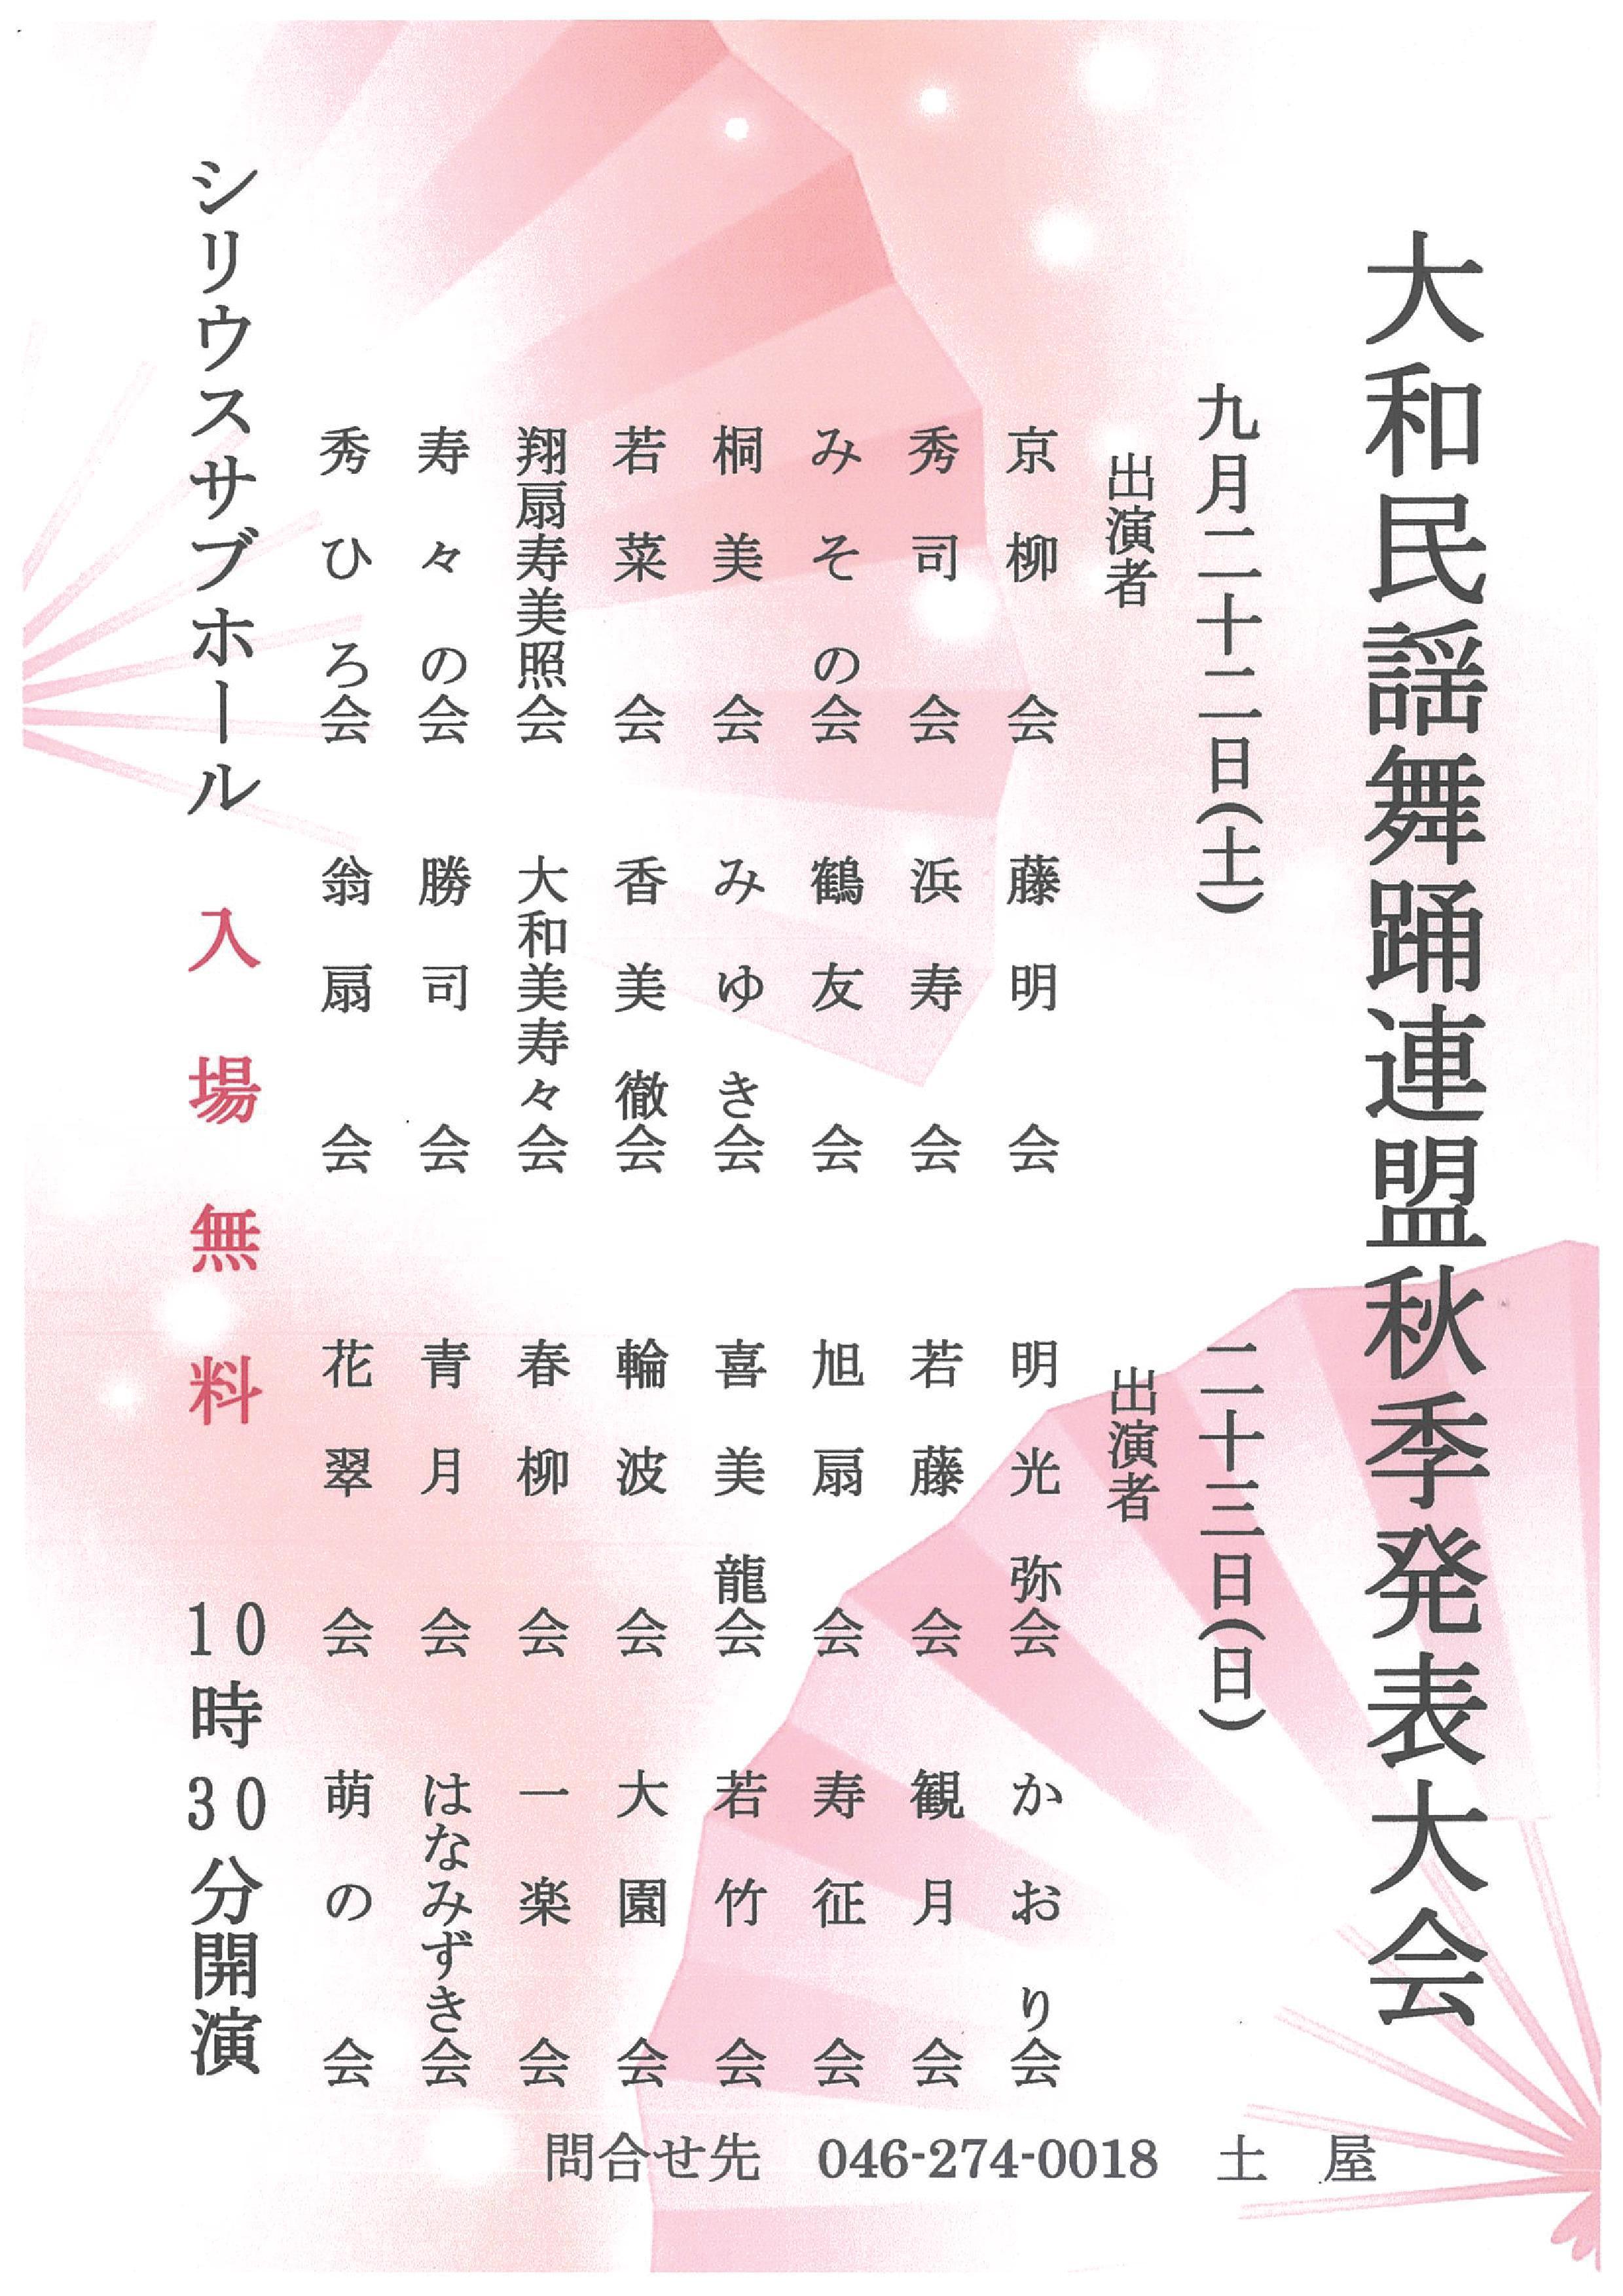 大和民謡舞踊連盟 第92回 秋季民謡舞踊発表大会